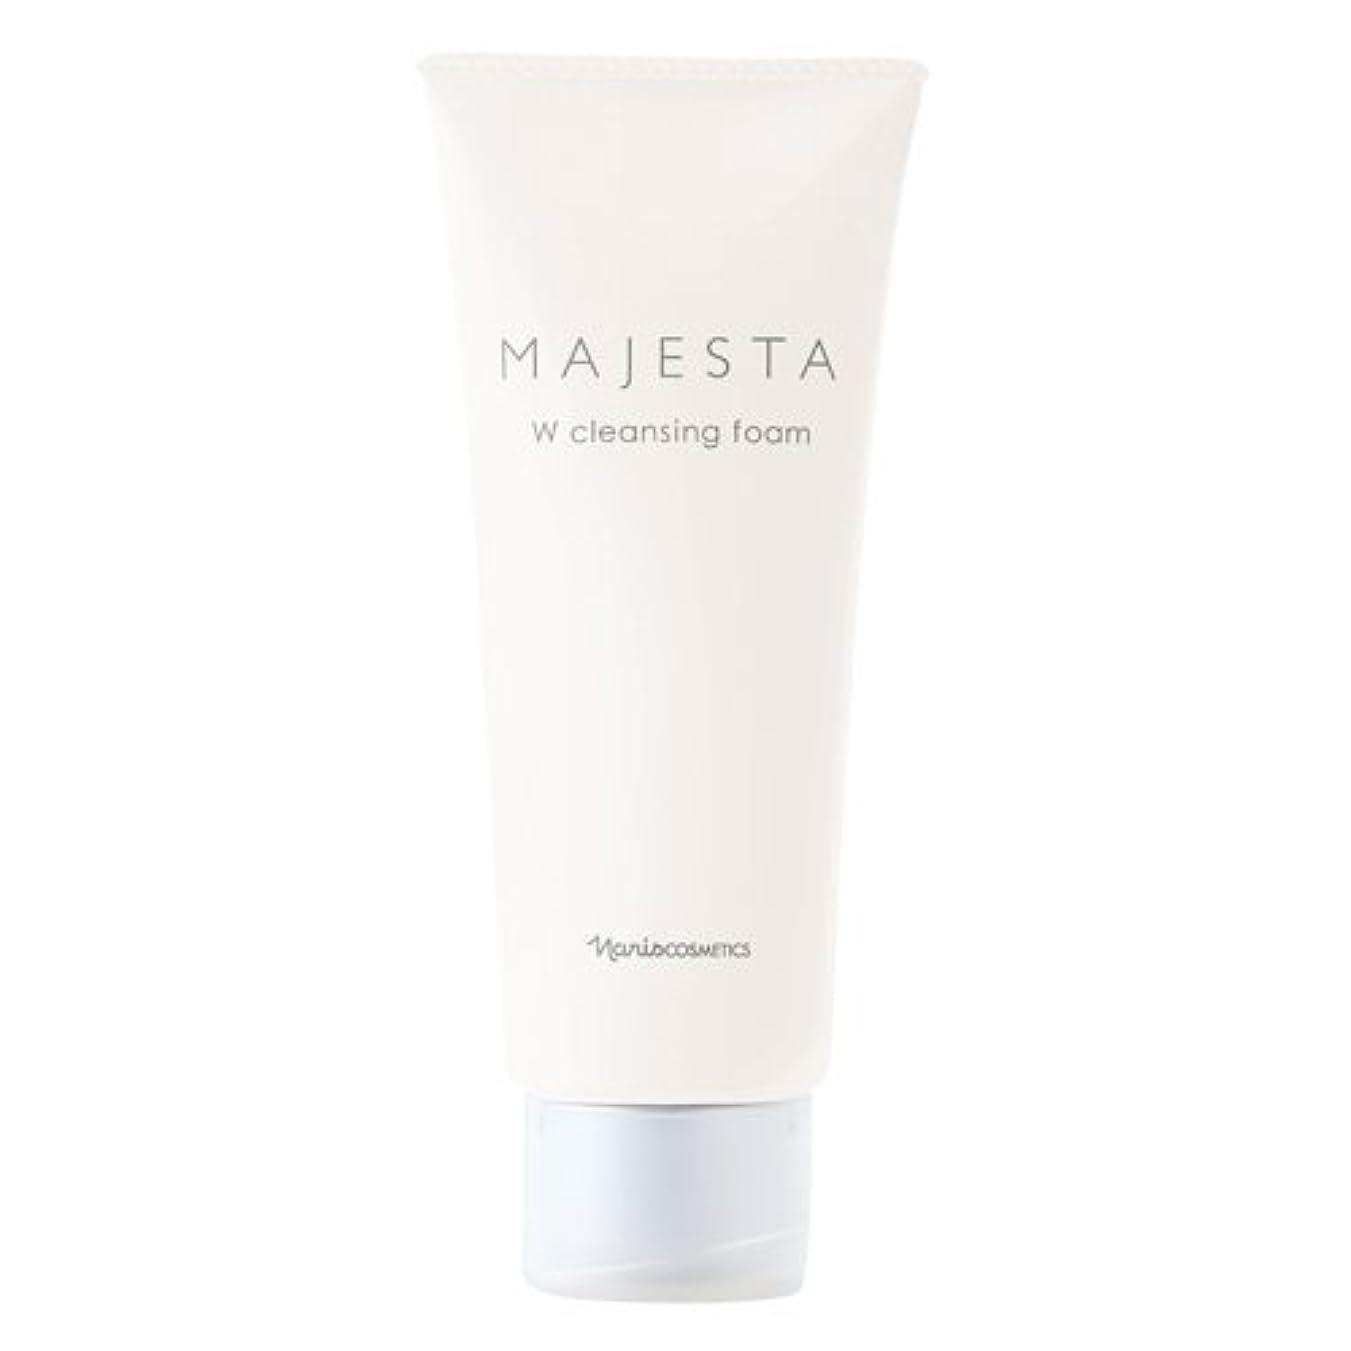 めったに潤滑する所属ナリス化粧品 マジェスタ Wクレンジング フォーム(クレンジング?洗顔料) 100g